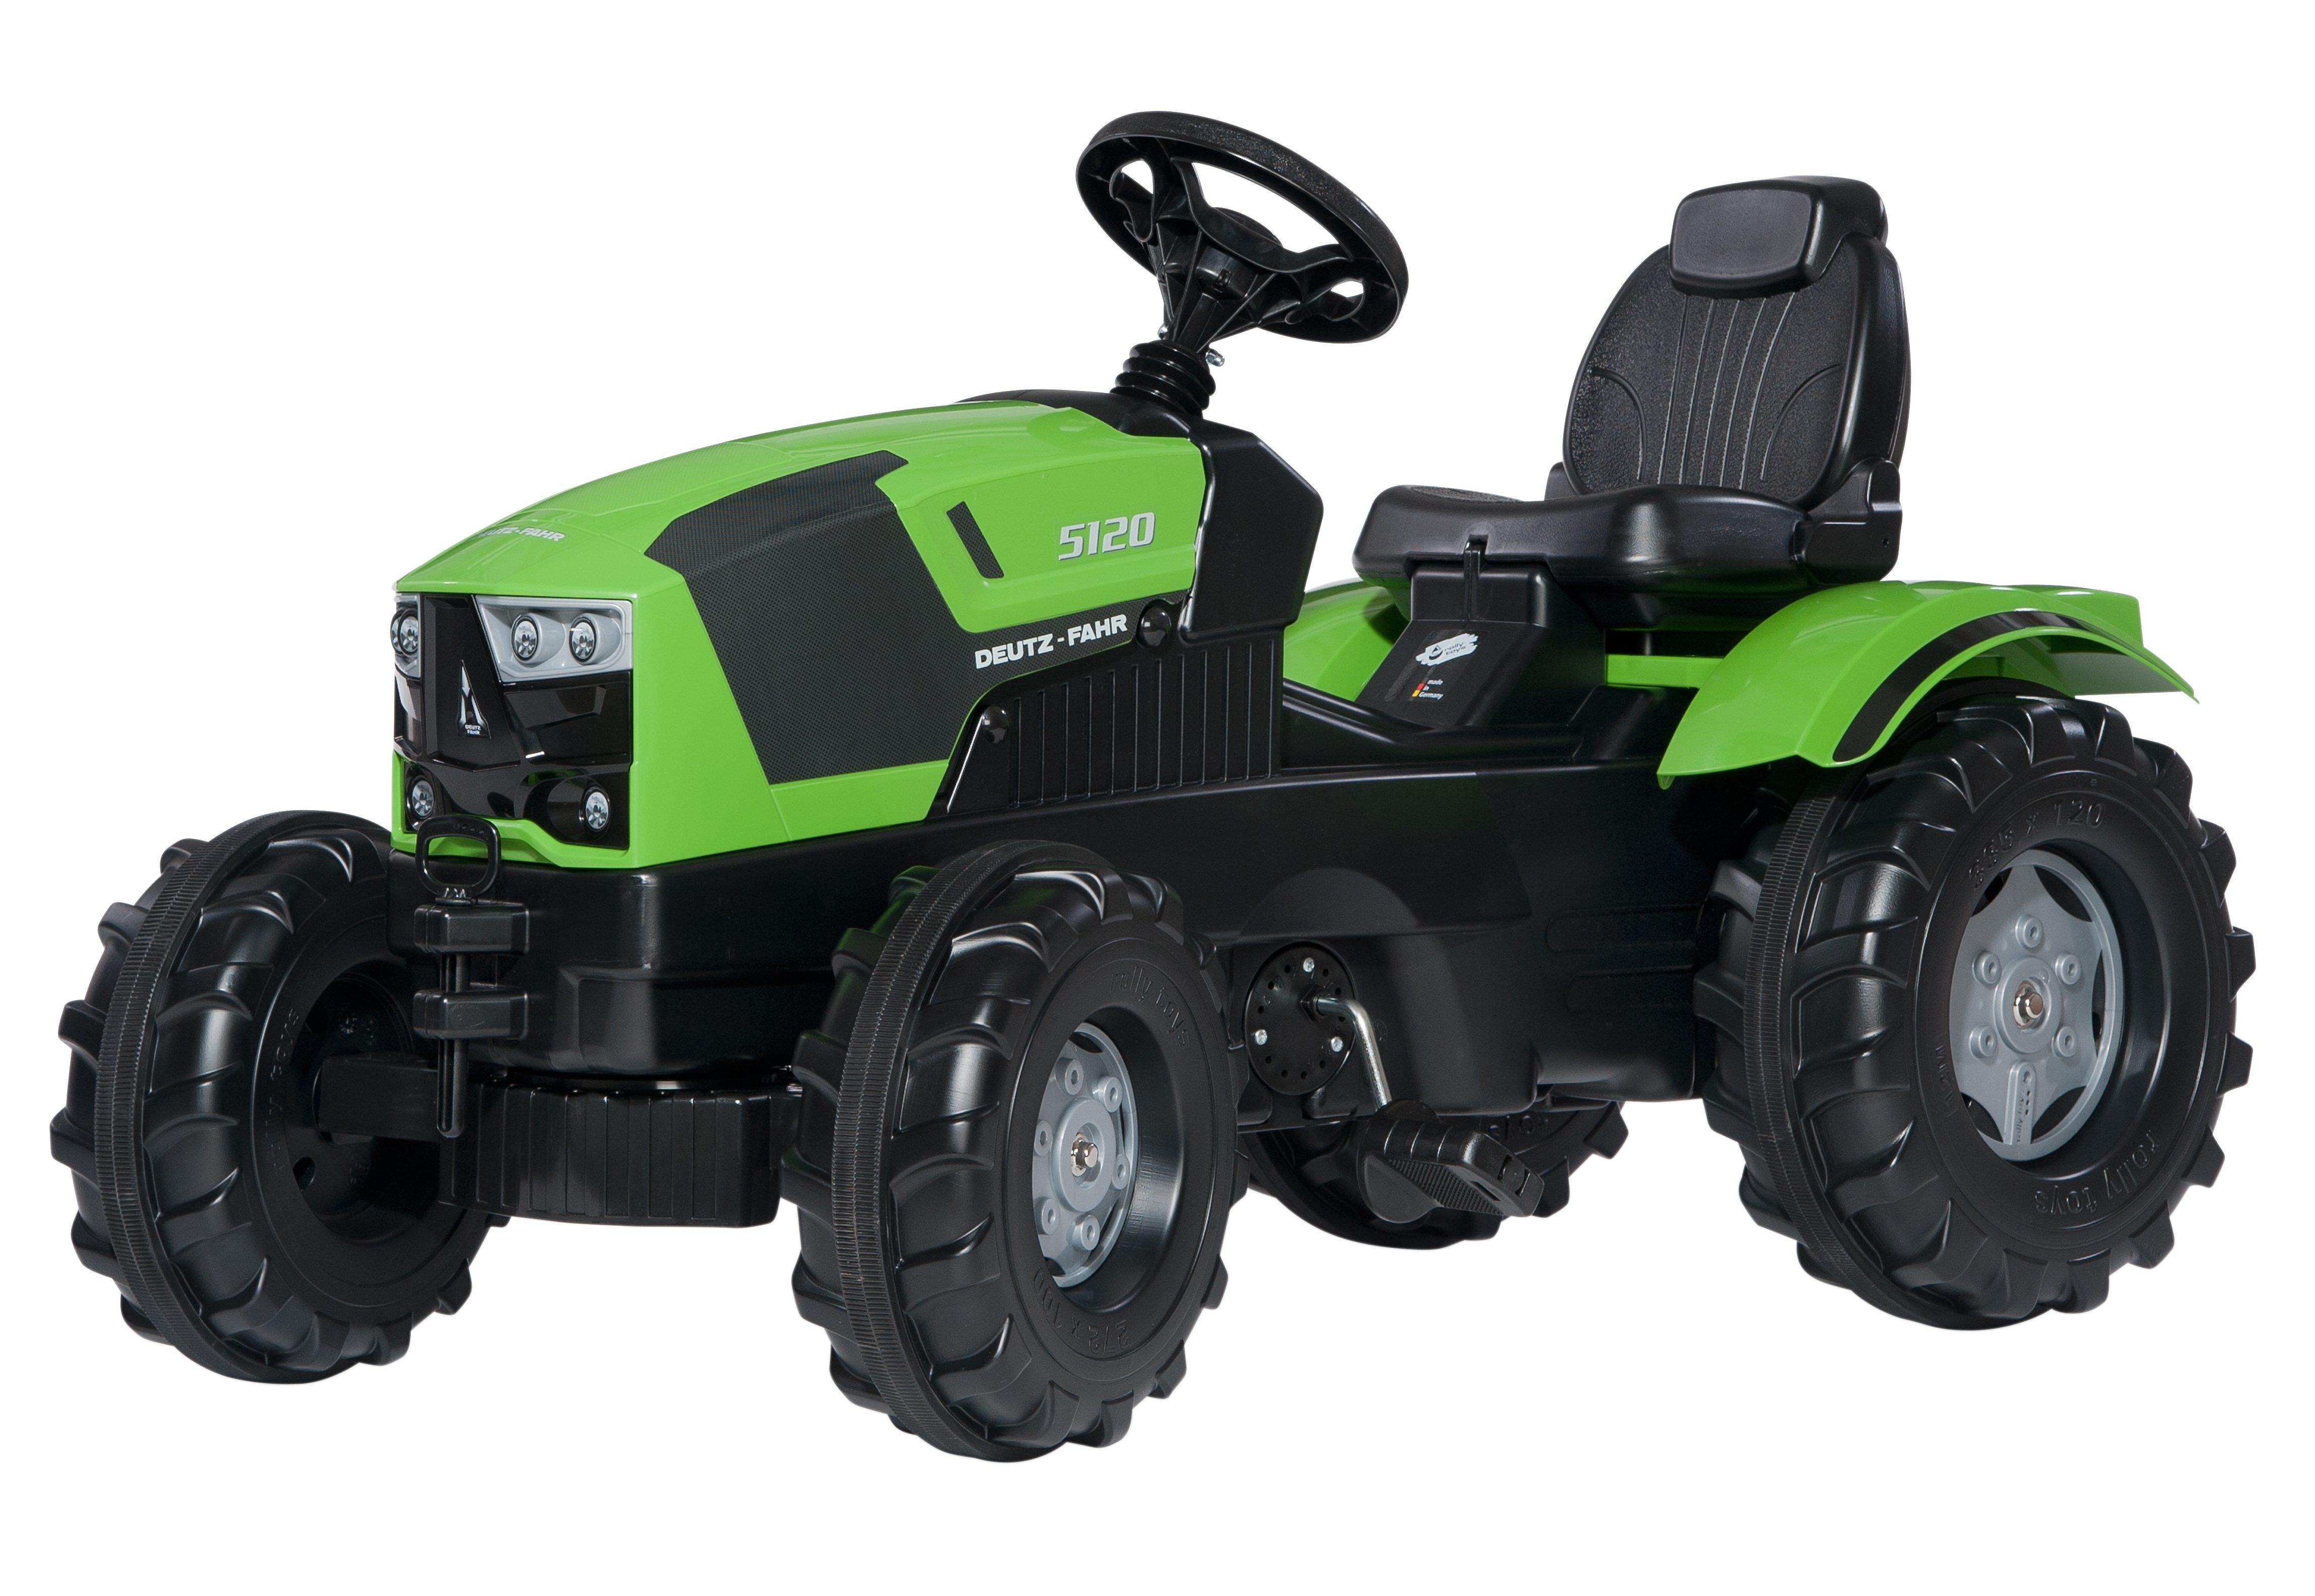 rolly toys® Trettraktor  rollyFarmtrac Deutz-Fahr 5120  Preisvergleich